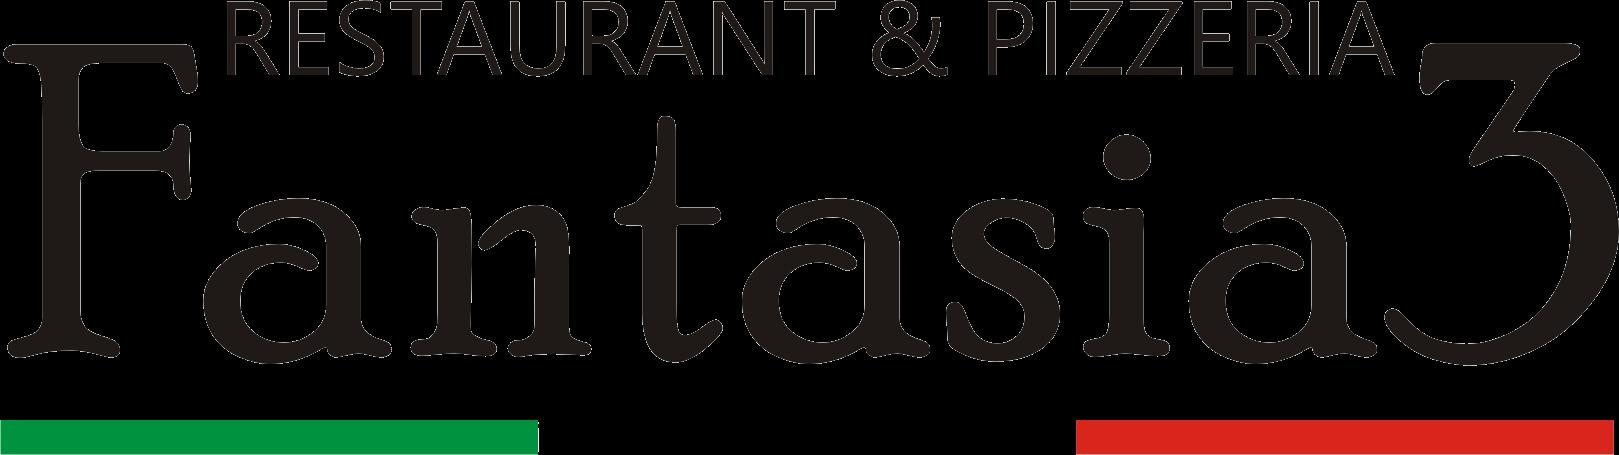 Jetzt bestellen bei Ristorante Pizzeria Fantasia | Offenbach